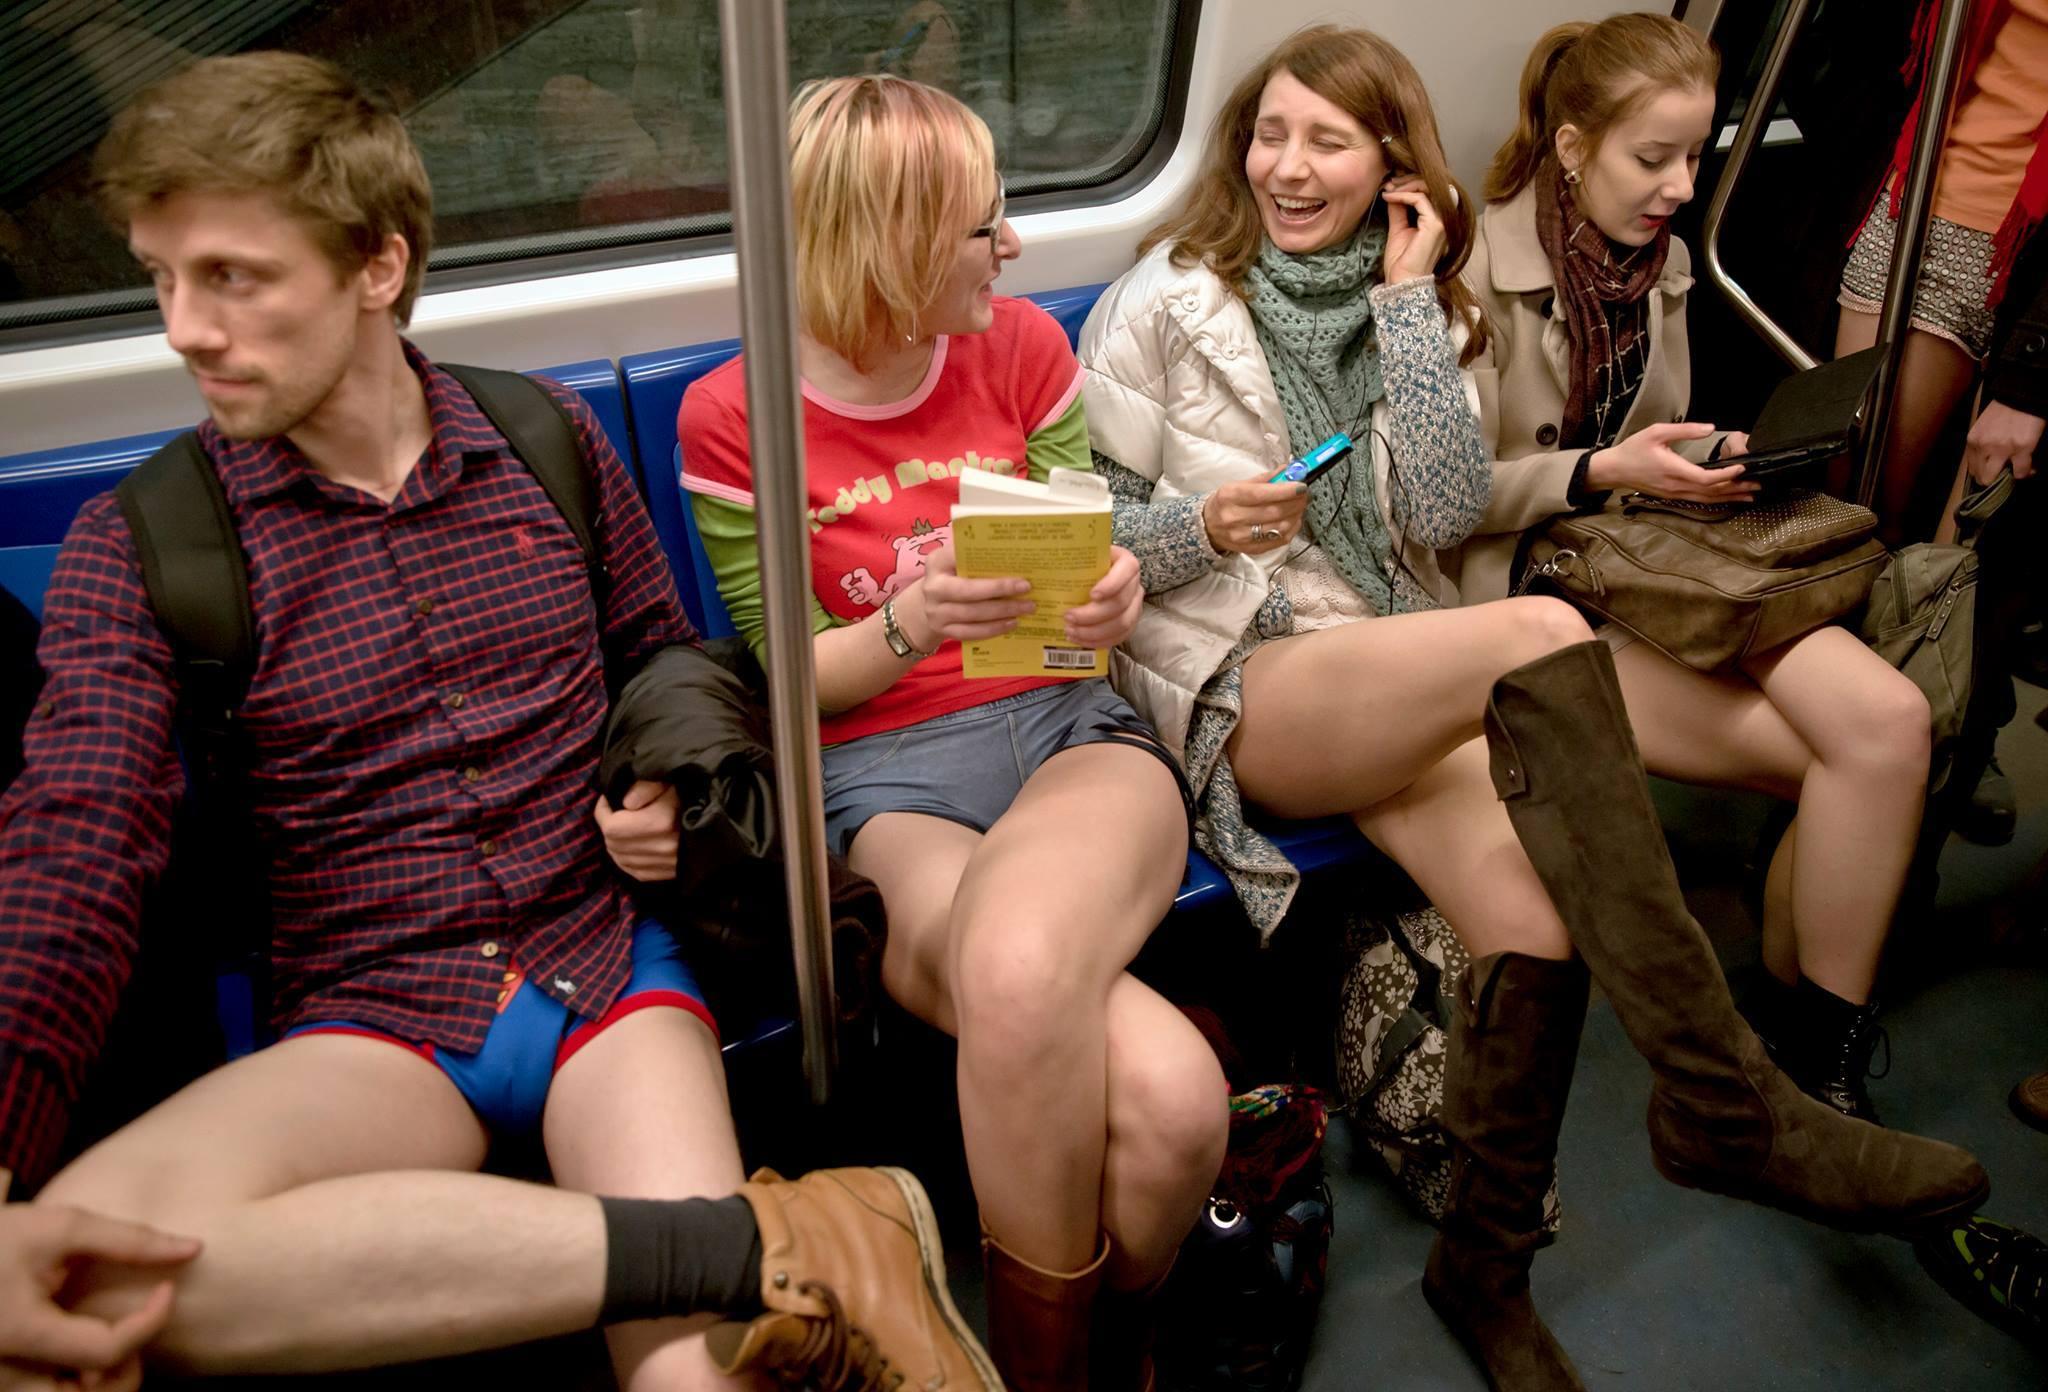 Голая сисястая японка в автобусе Фото голых японок